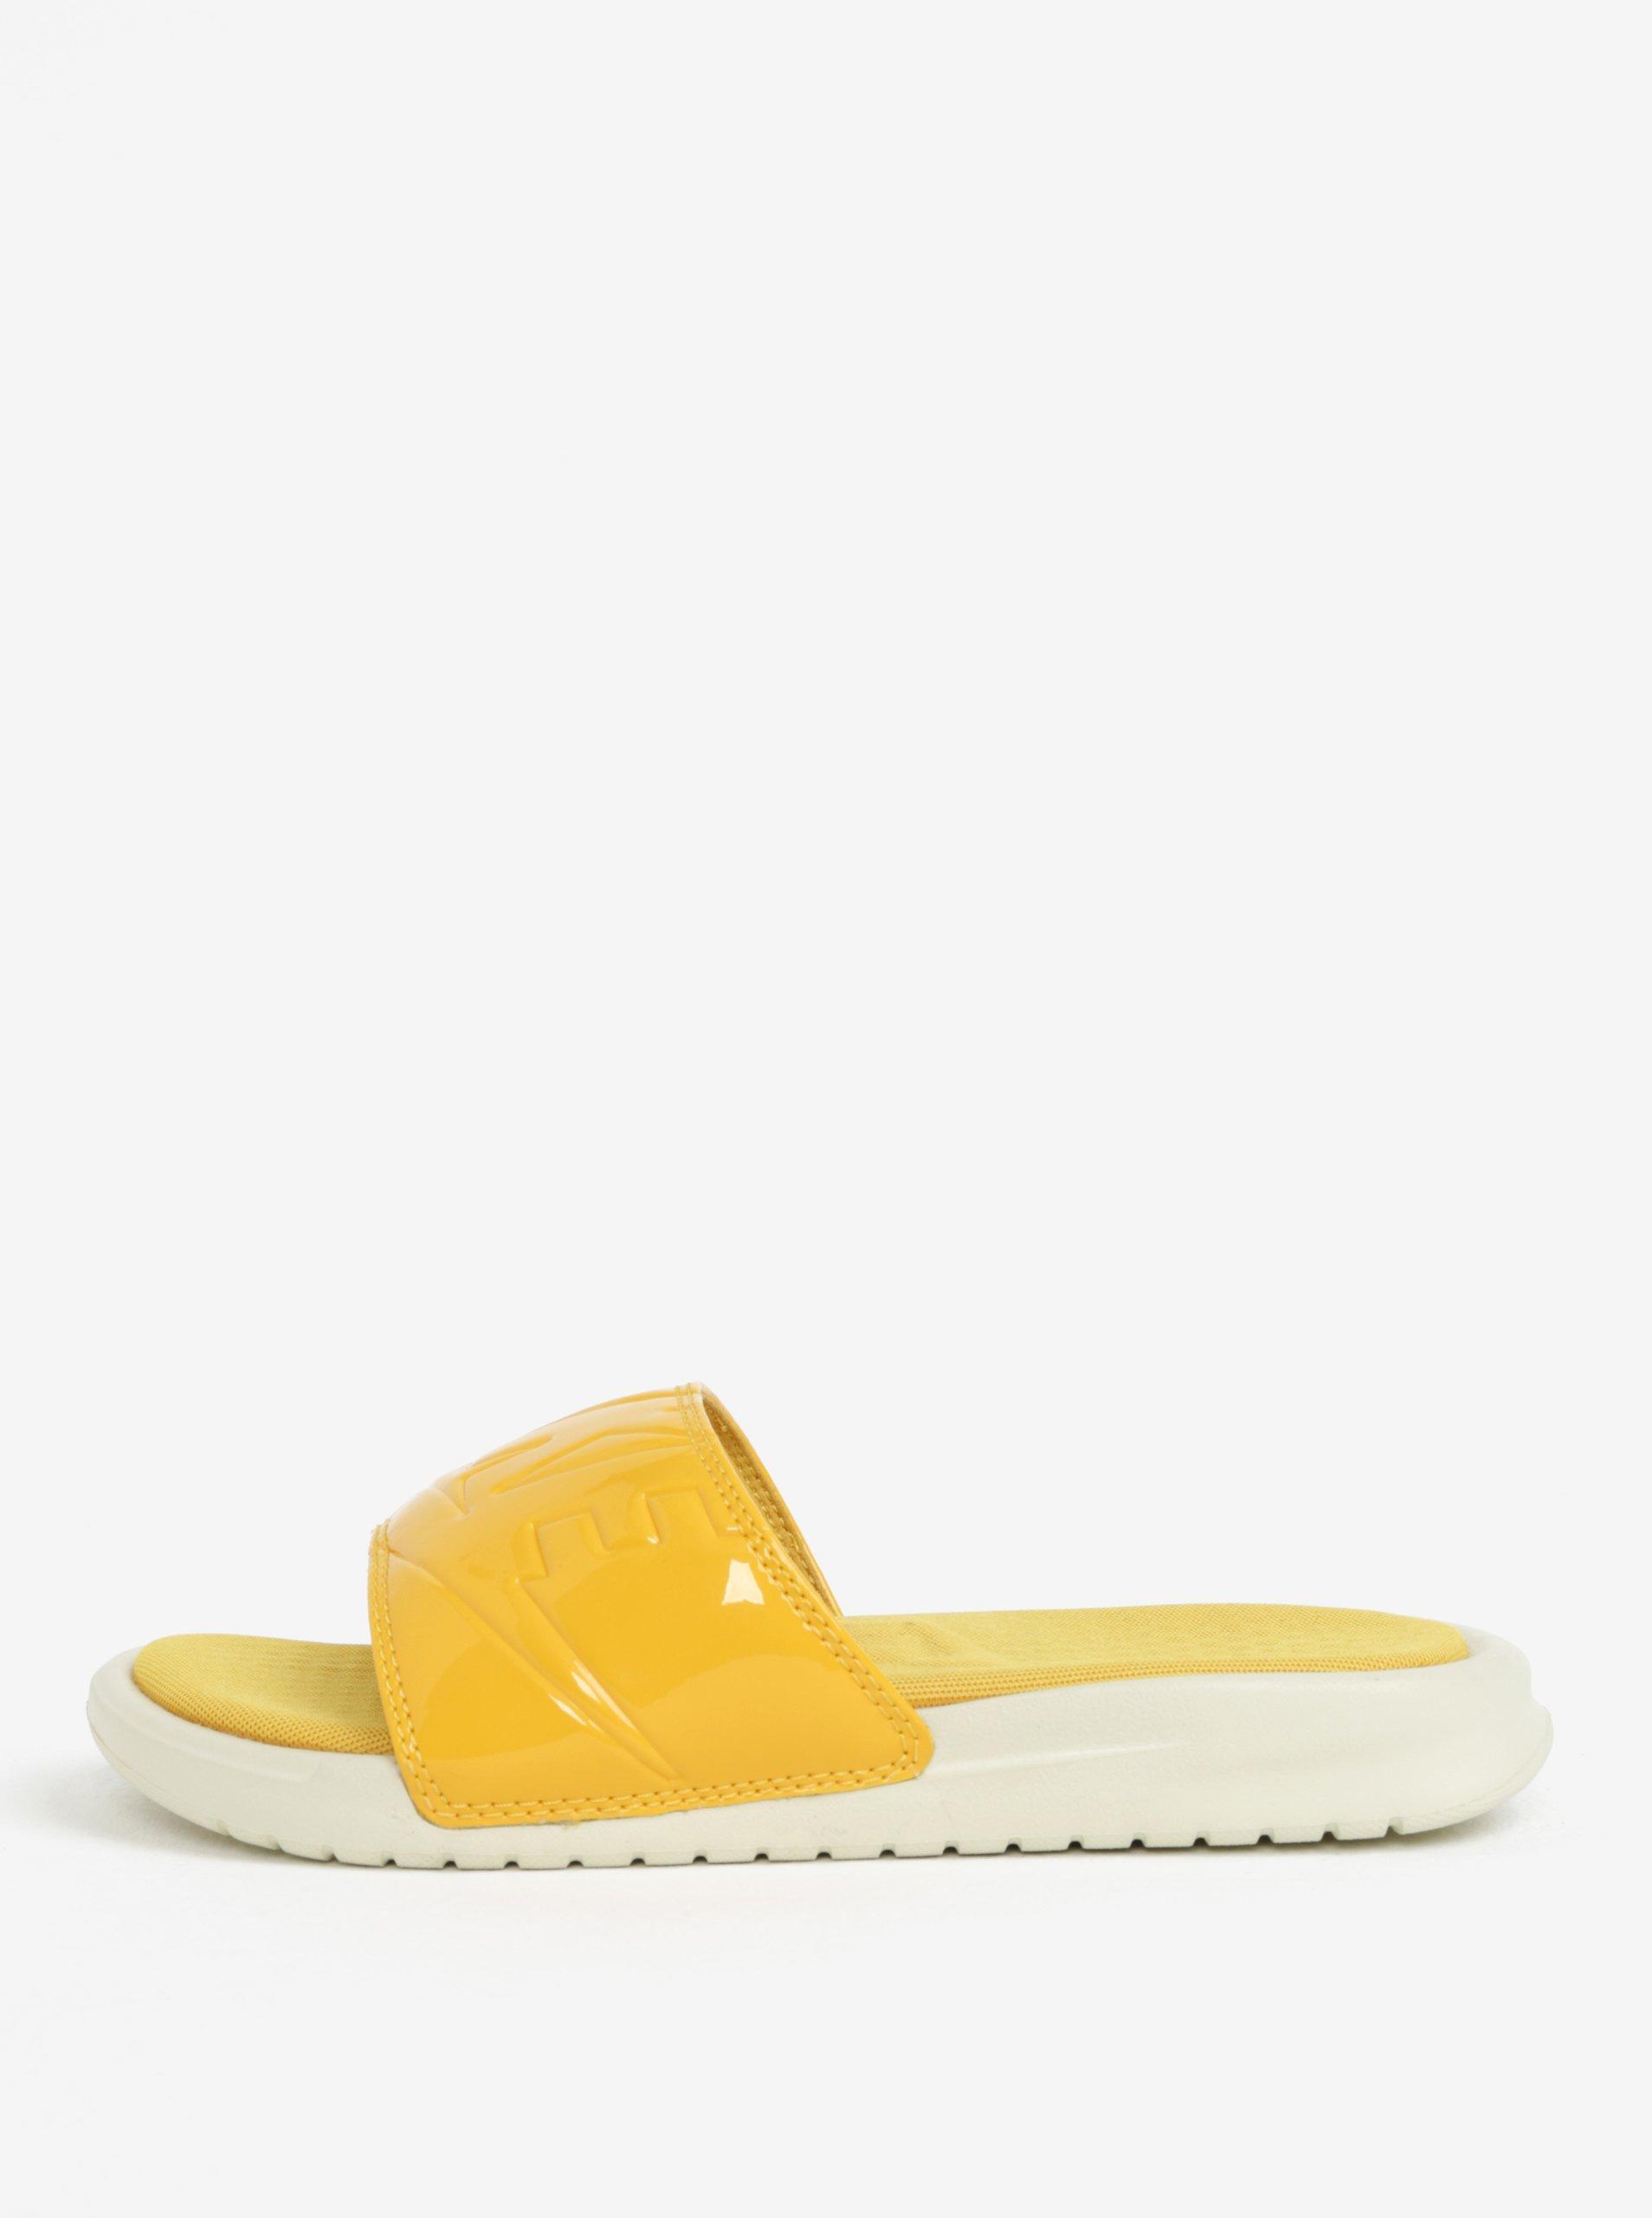 9d175e7ceac Žluté dámské pantofle Nike Benassi Jdi